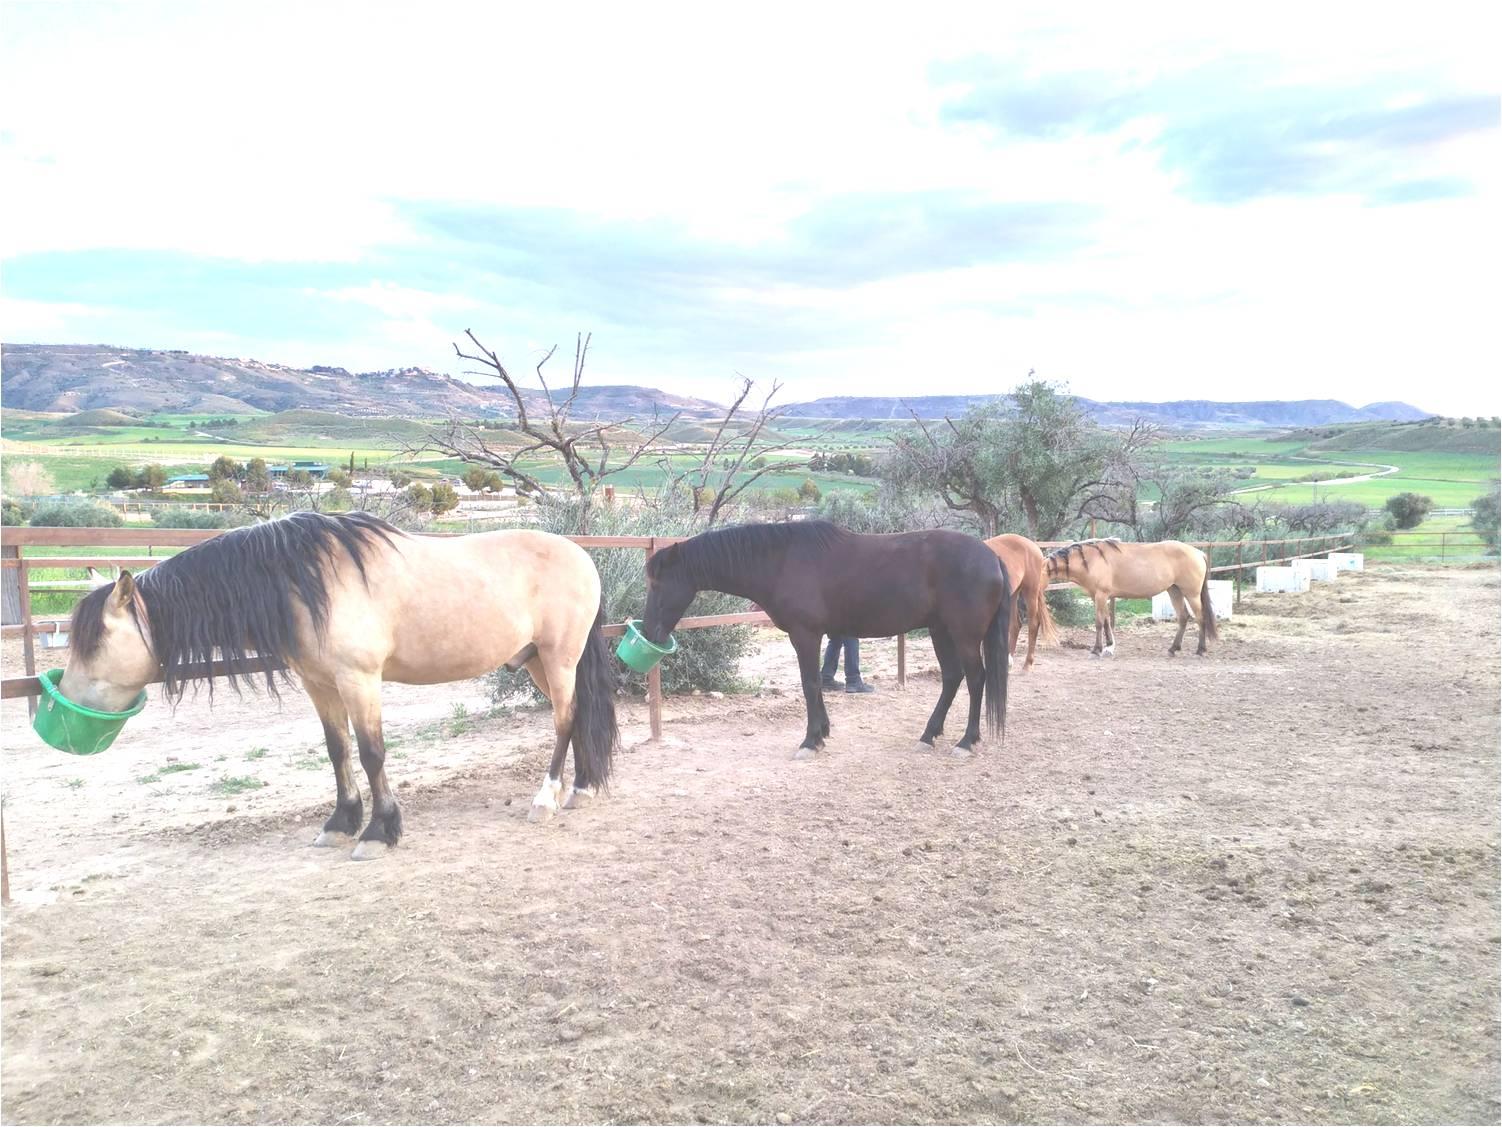 curiosidades de caballos-significado de estatuas ecuestres - estatuas ecuestres-biologia